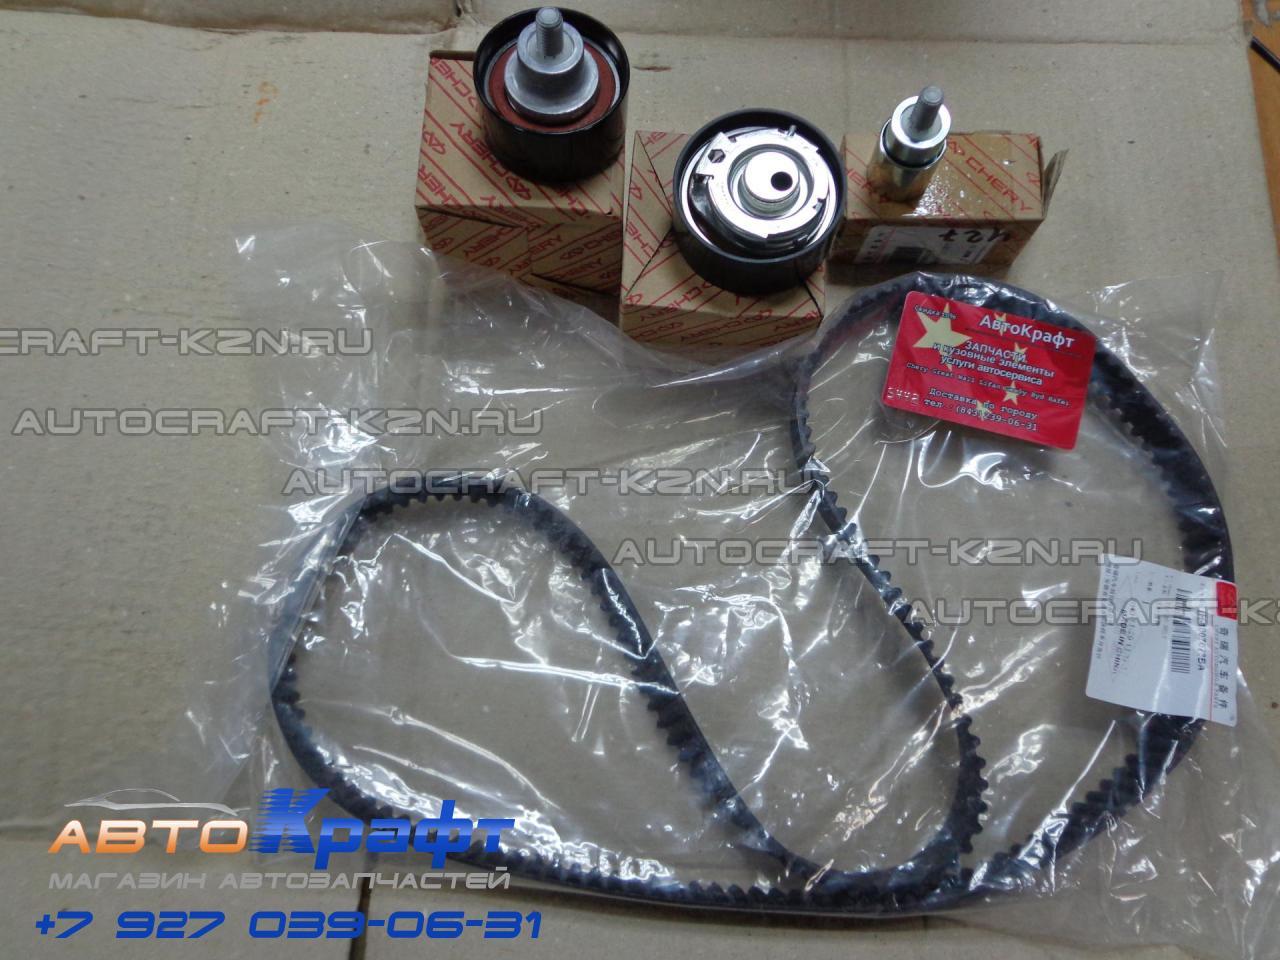 Замена ремня ГРМ Вортекс Тинго 1.8 л с фото и видео - AutoGRM 90